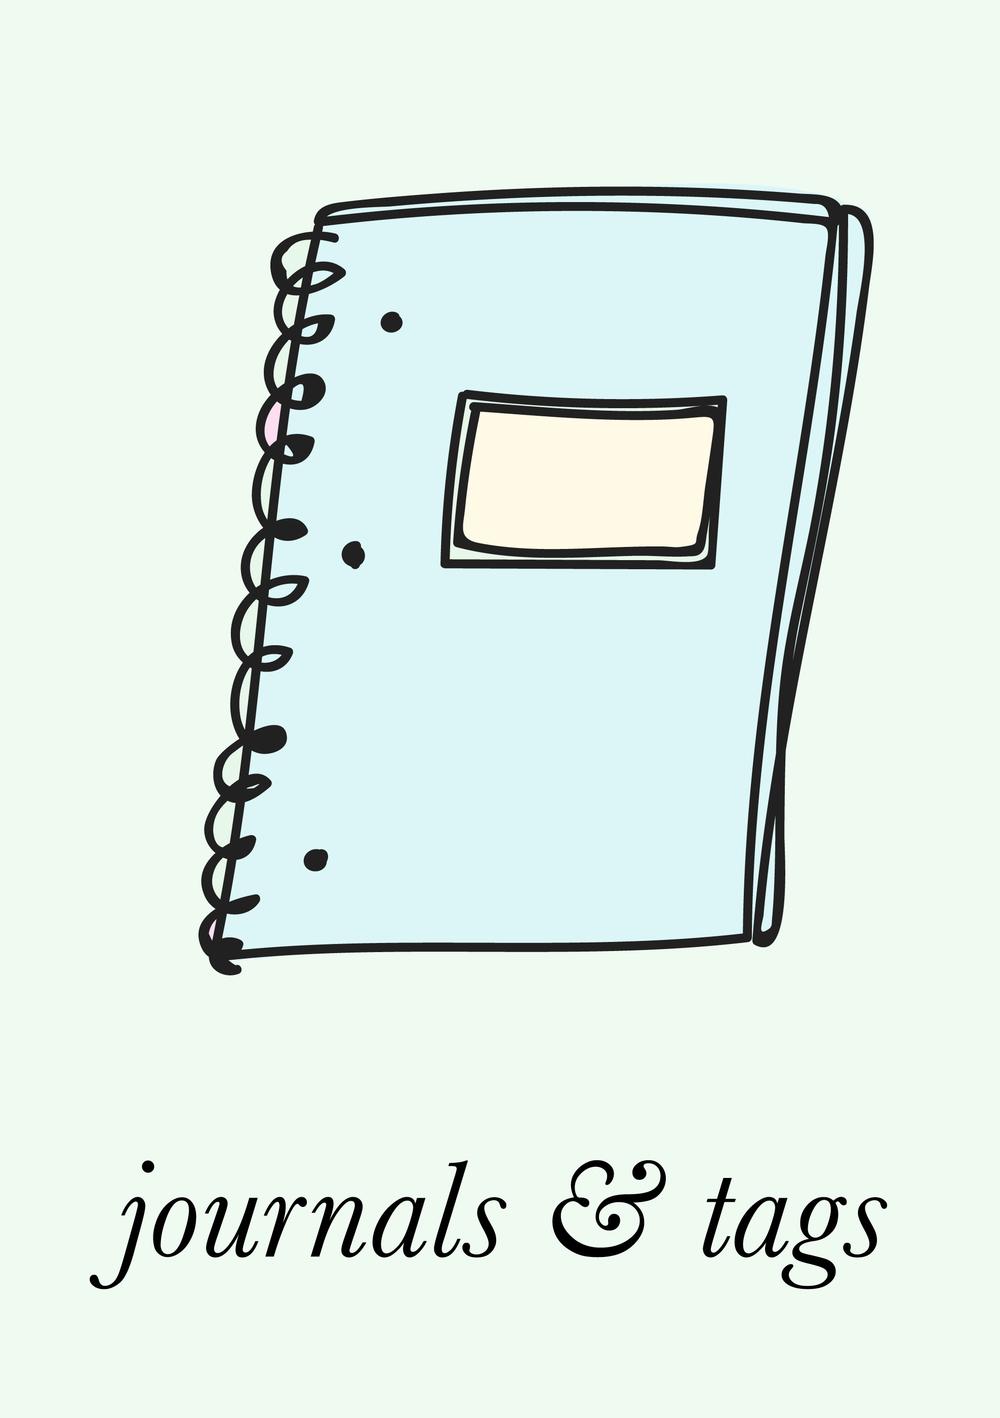 littlepinkstudio.com | journals and tags